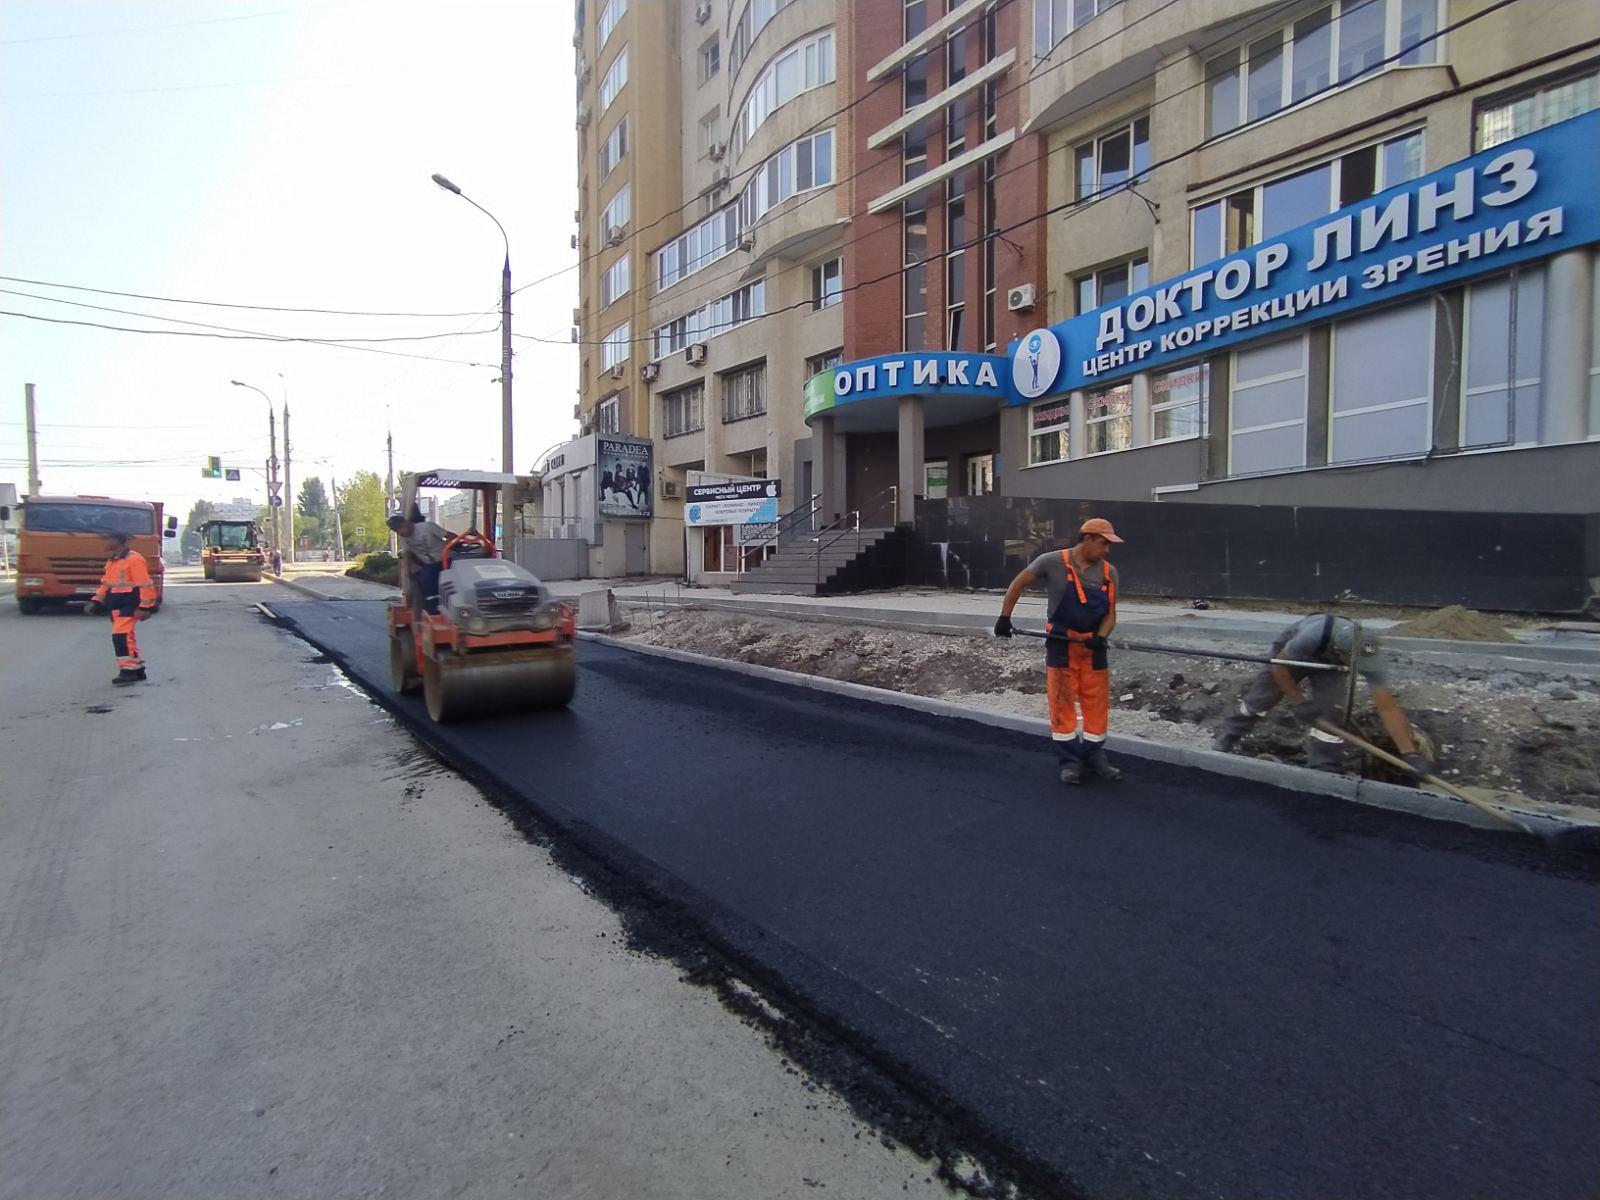 Новые парковки появятся на улице Ленинской в Самаре после ремонта